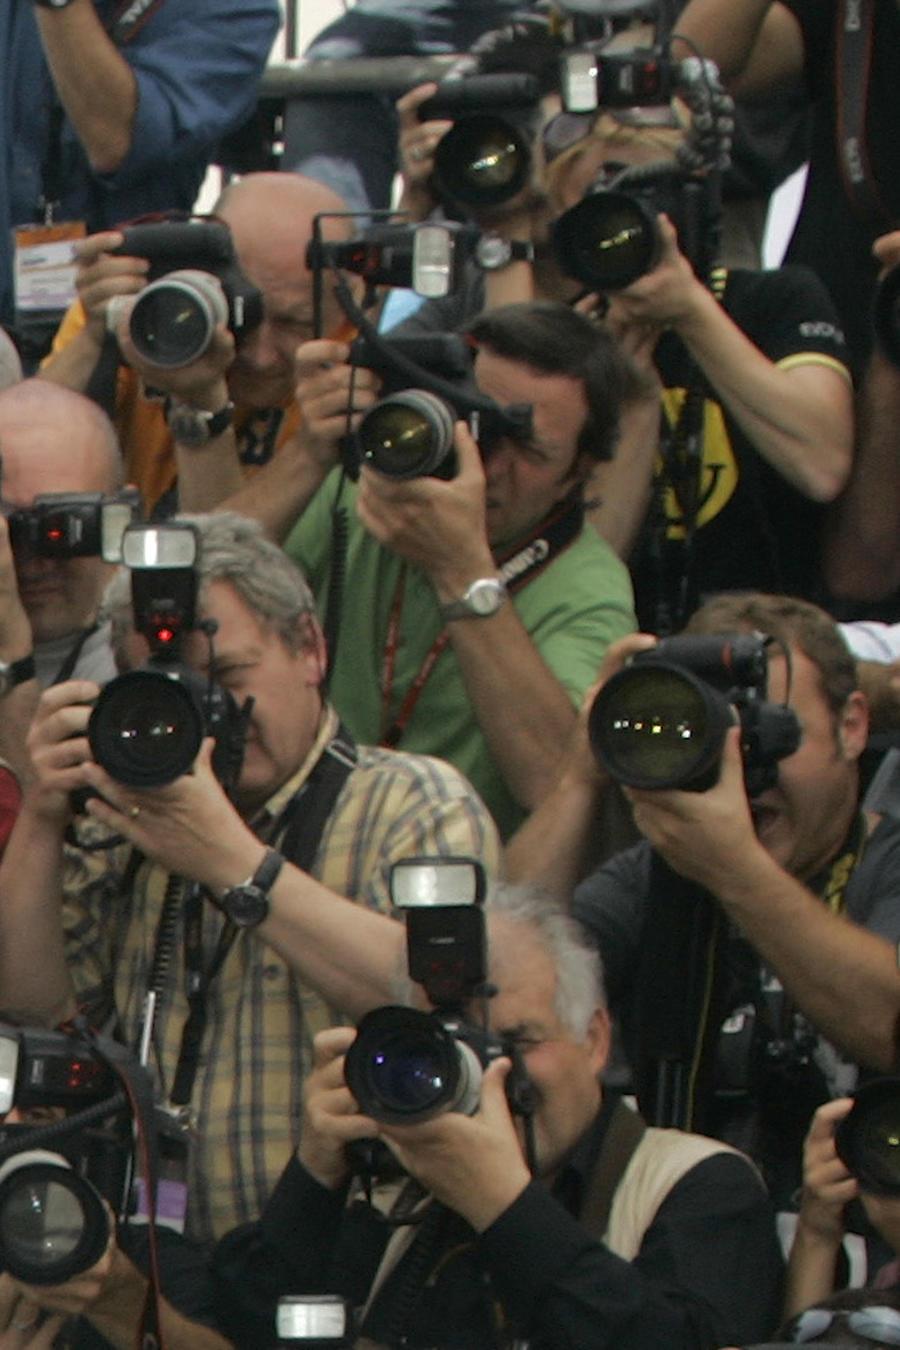 Imagen de archivo de fotógrafos profesionales en un evento público.